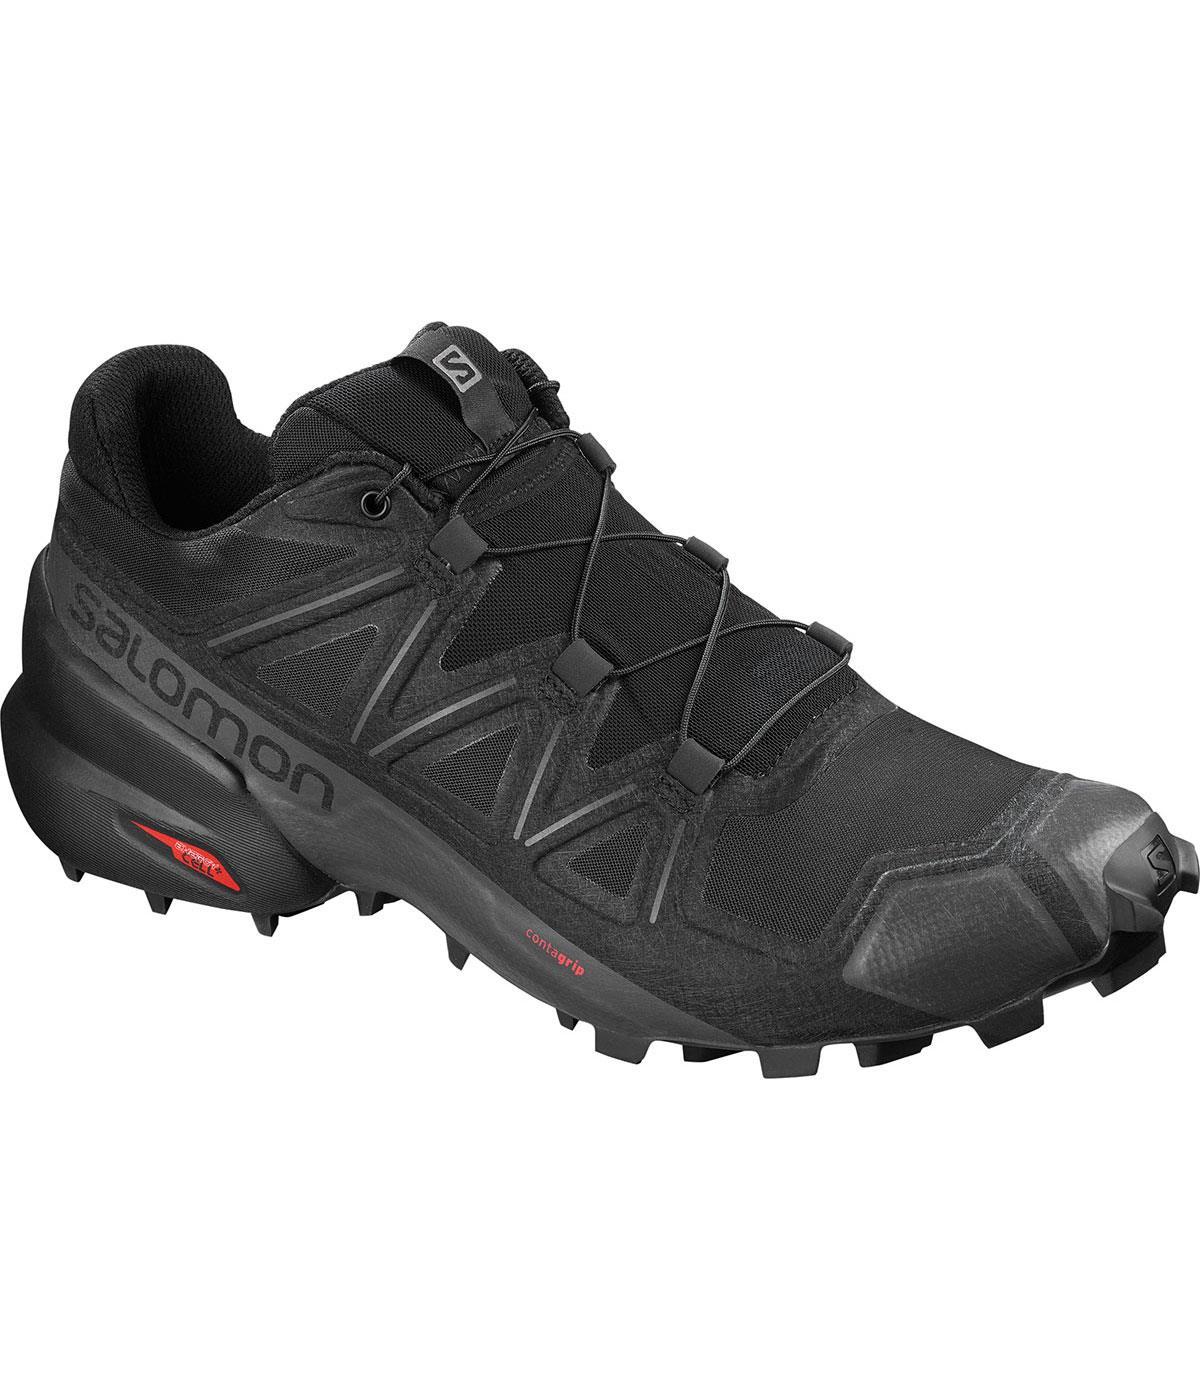 Salomon SPEEDCROSS 5 Erkek Koşu Ayakkabısı L40684000